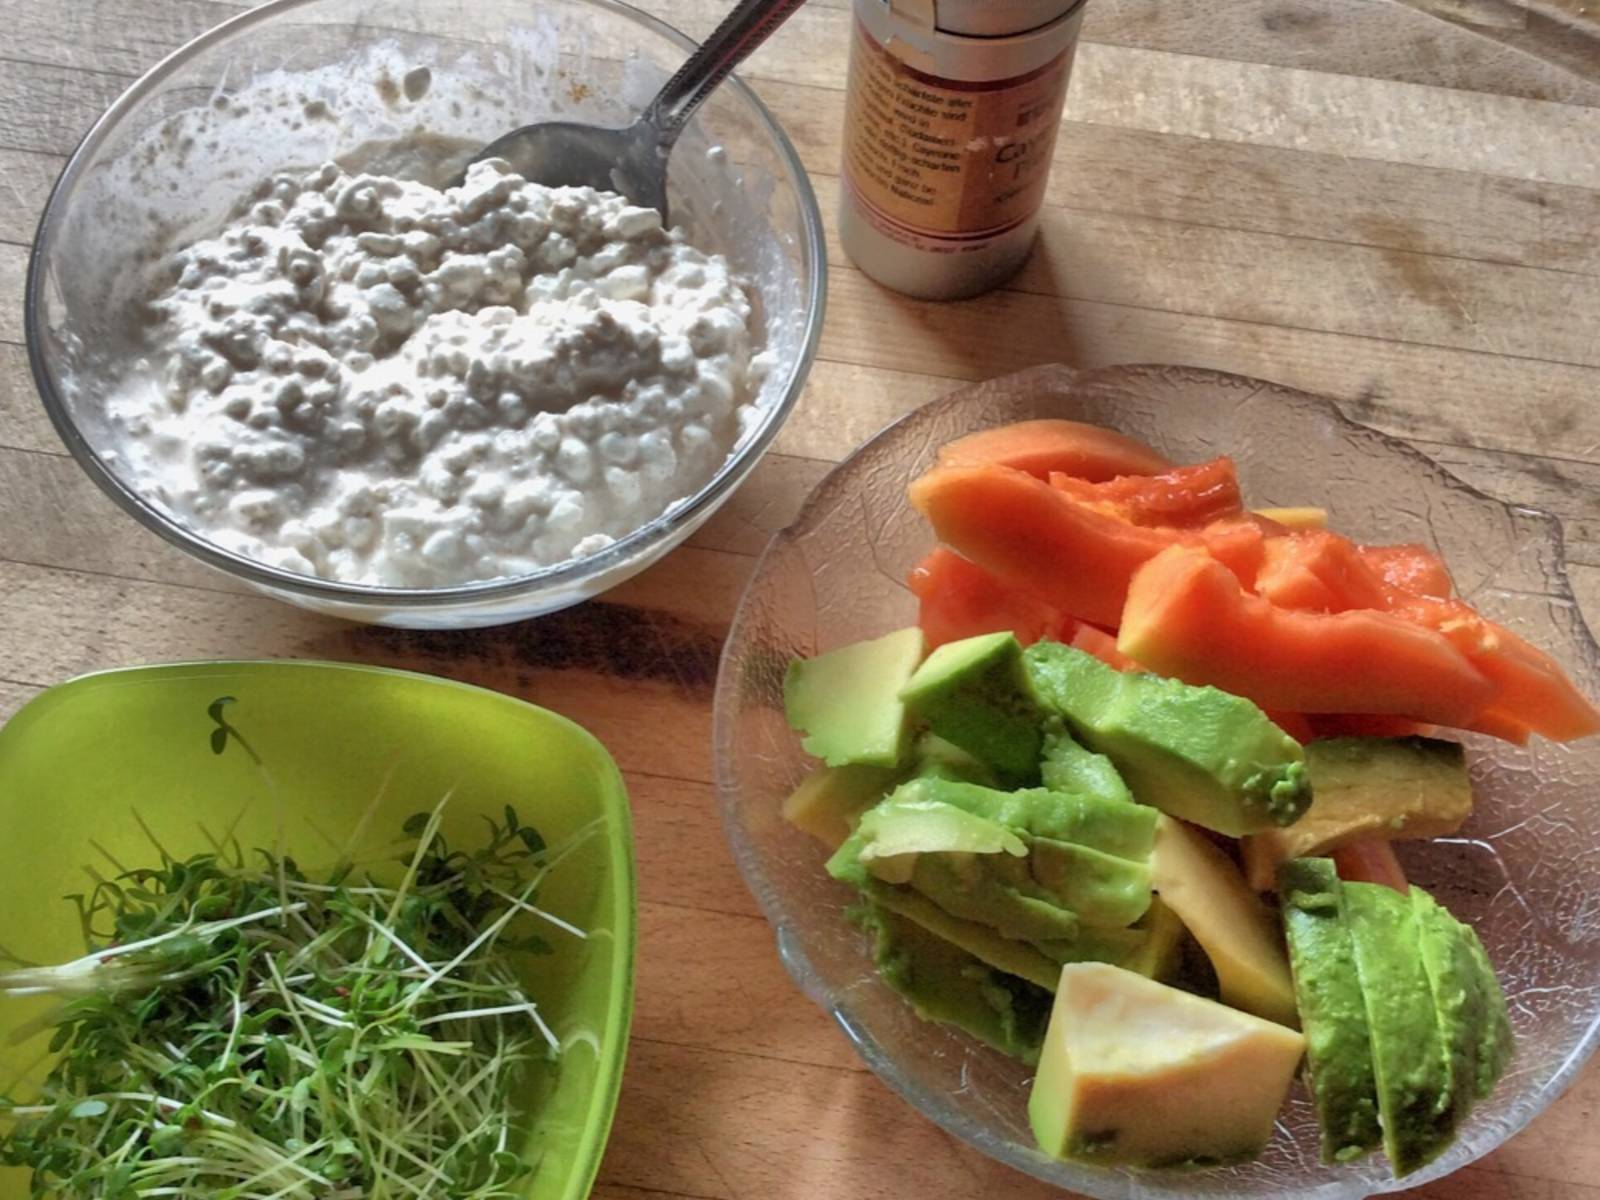 Die Brotscheiben kurz in den Toaster geben, sodass sie ein wenig Biss haben. Die Avocado halbieren, den Kern entfernen, das Fruchtfleisch (möglichst am Stück) aus der Schale löffeln und dann in Streifen schneiden. Die Papaya halbieren, die Kerne mit einem Löffel entfernen. Die Hälften noch einmal teilen und die Schale mit einem scharfen Messer entfernen. Fruchtfleisch in Streifen schneiden.